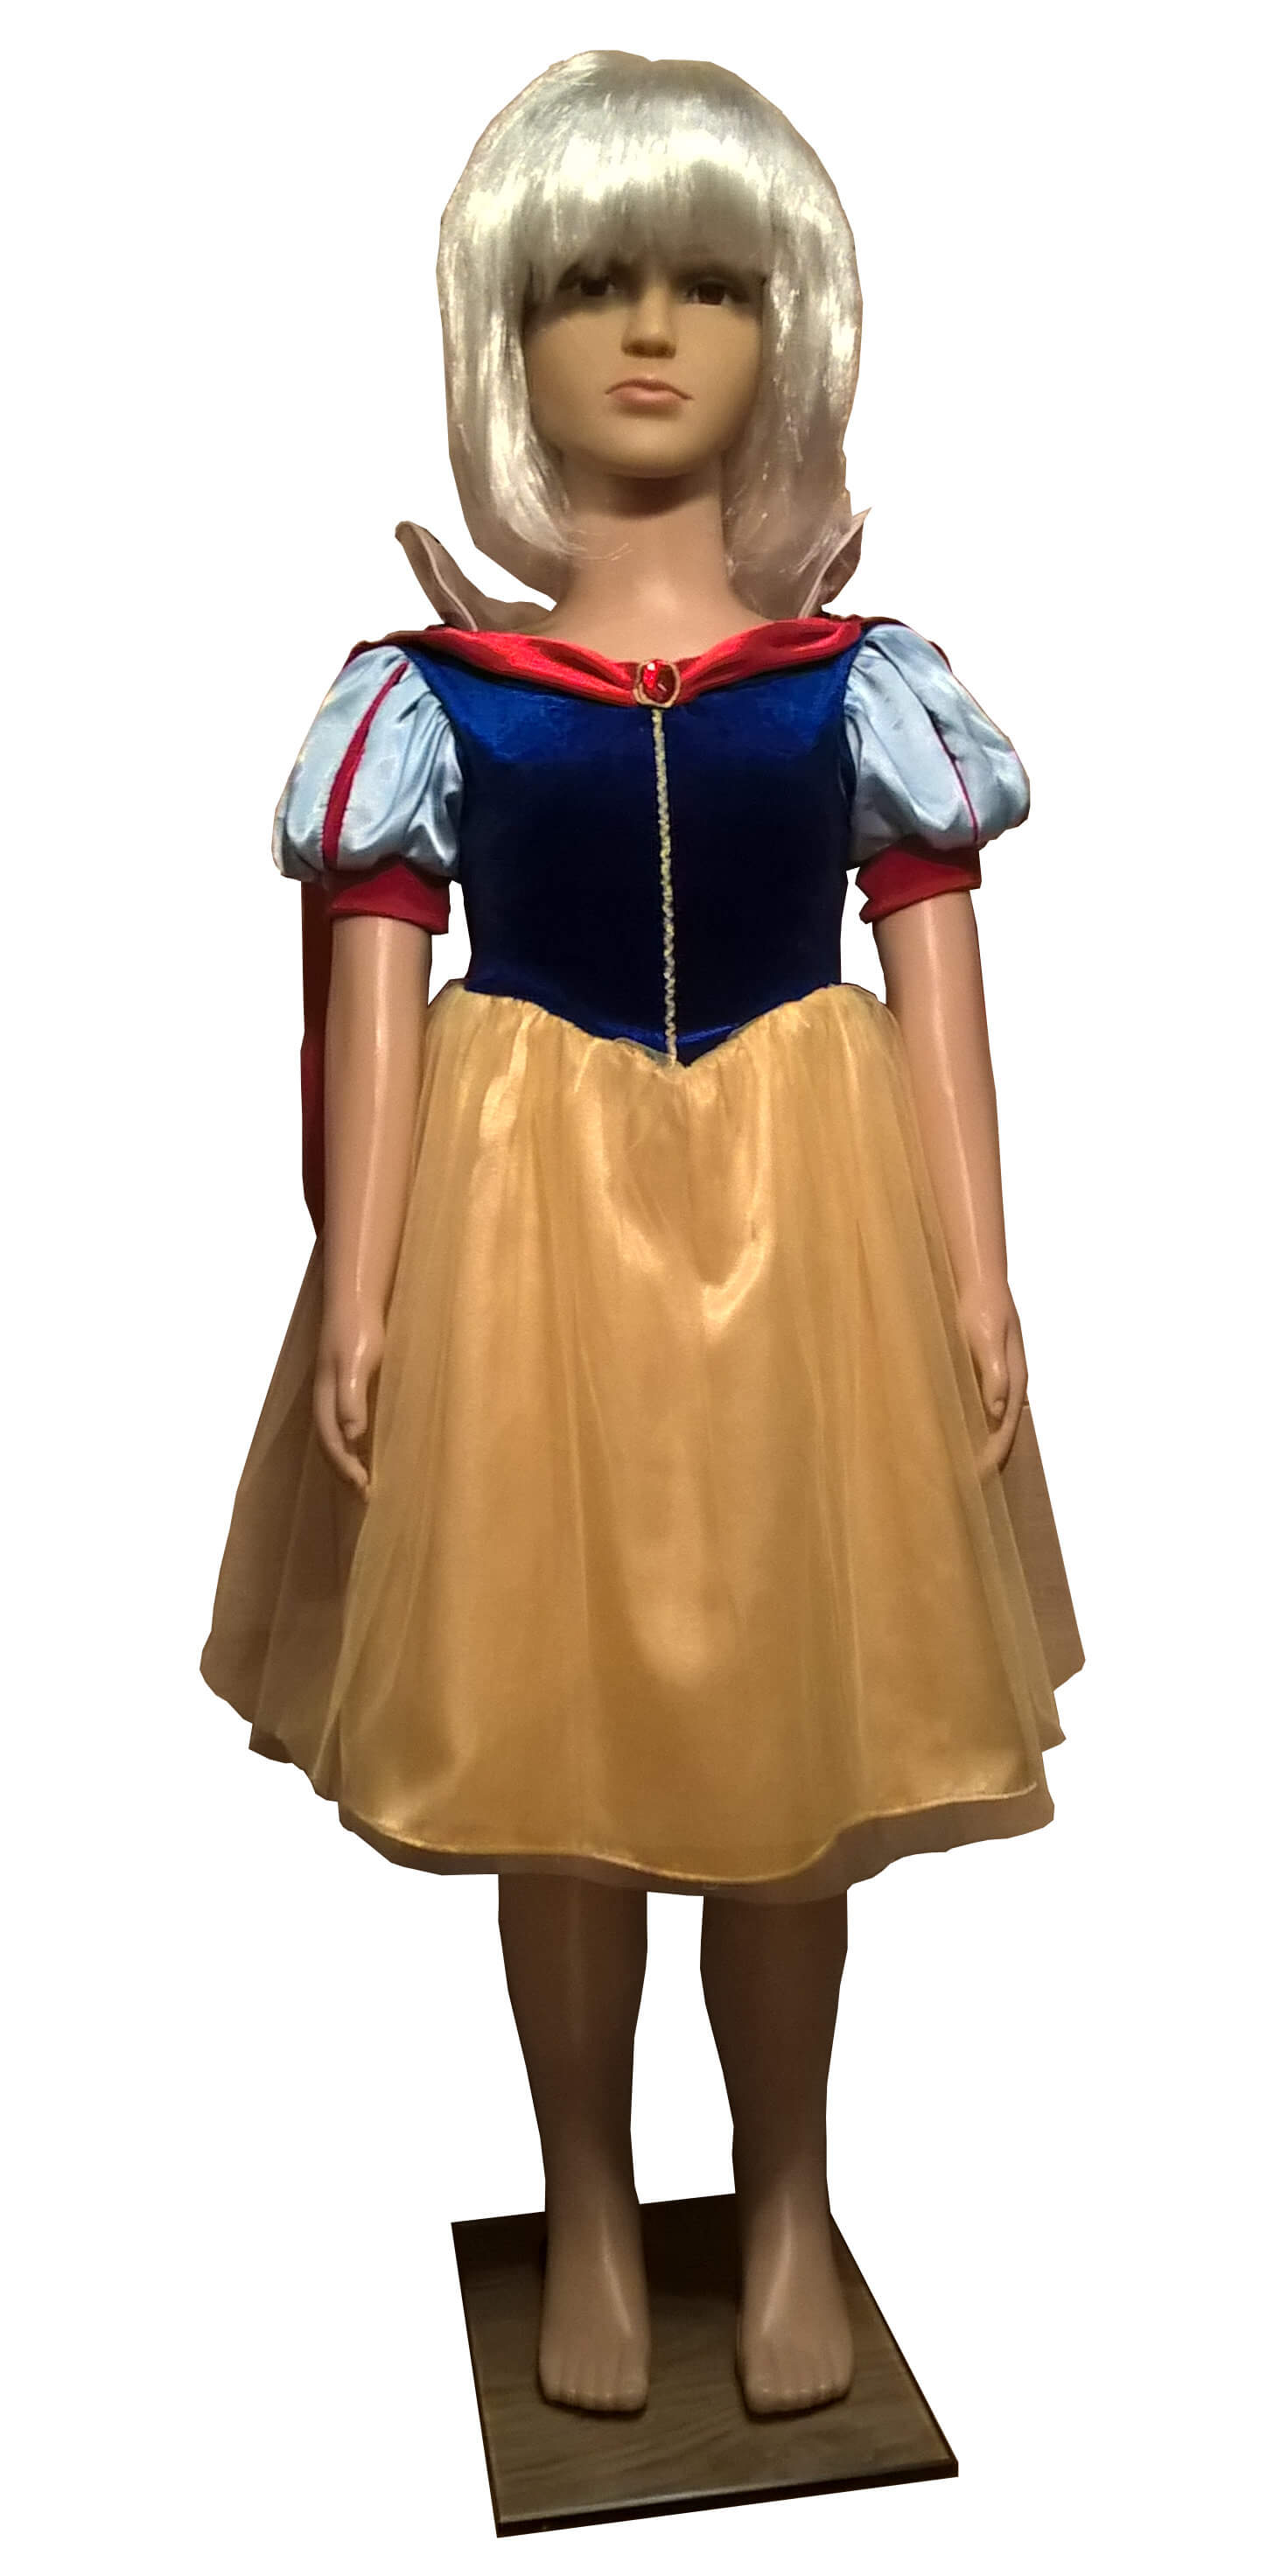 Snieguolės kostiumas iš pasakos septyni nykštukai ir snieguolė. Karnavaliniu kostiumu nuoma vaikams Vilniuje - pasakunamai.lt